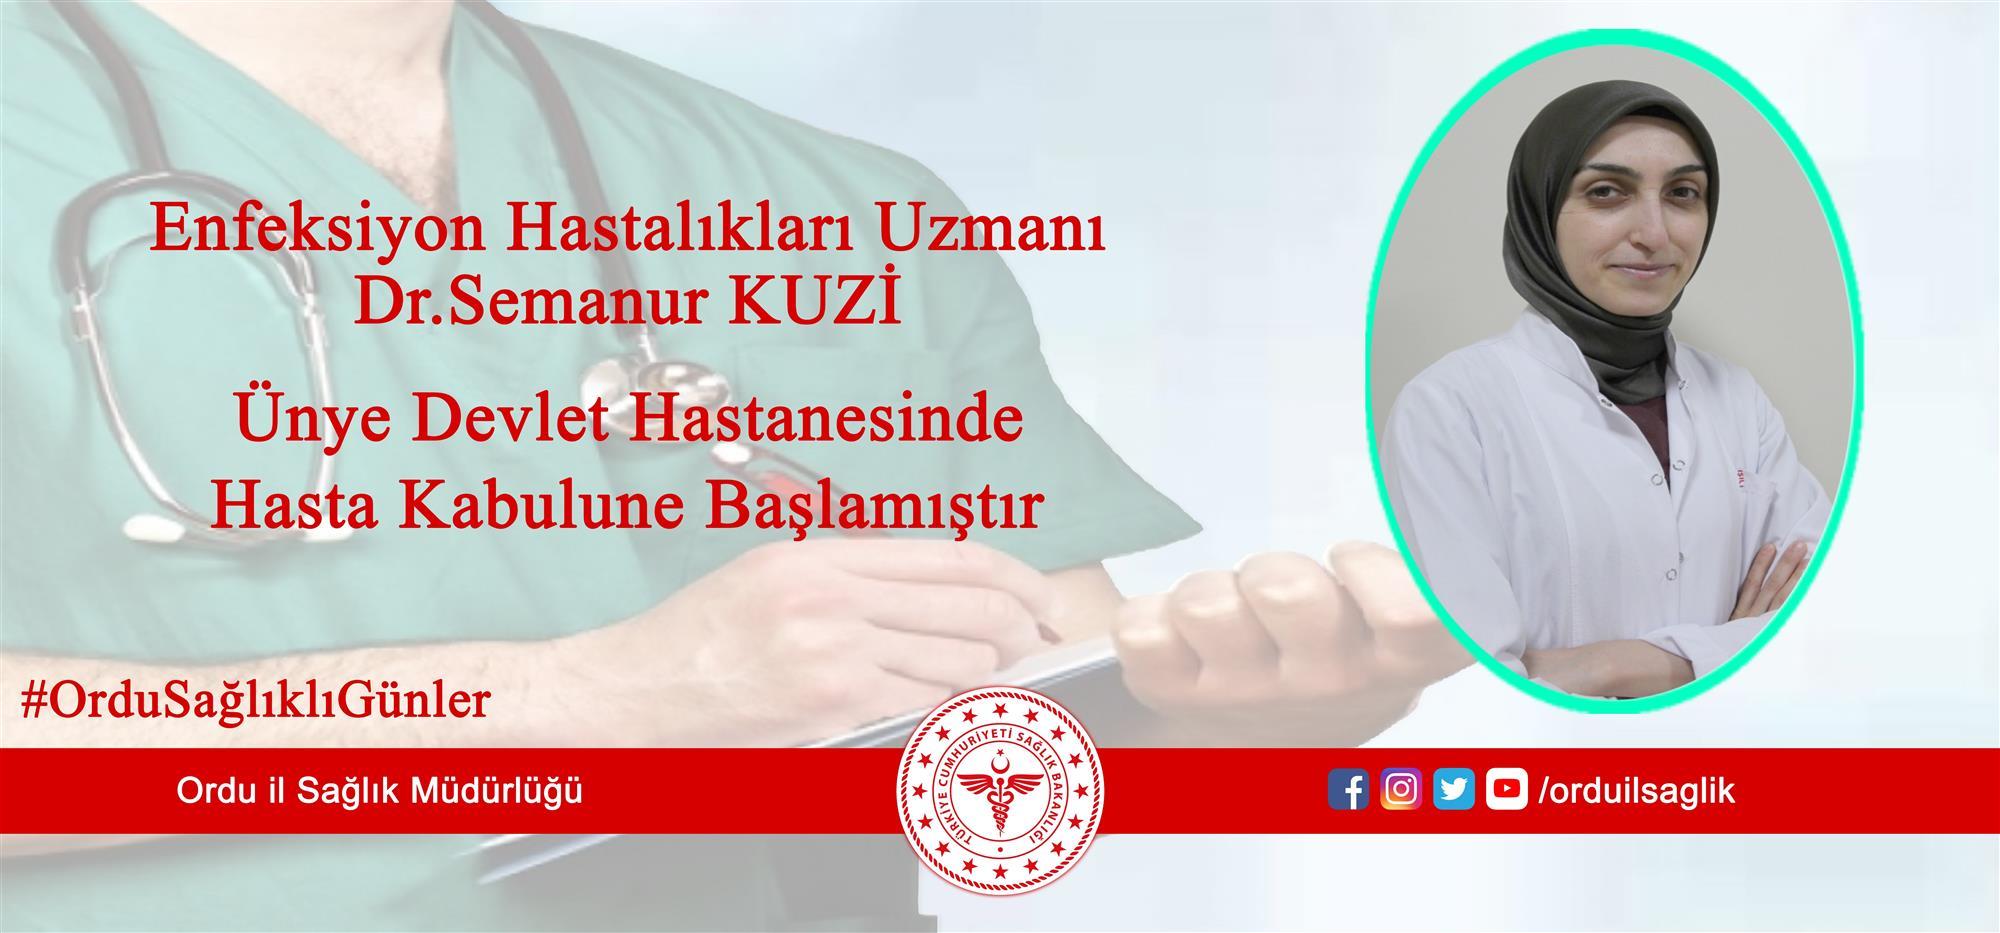 Enfeksiyon Hastalıkları Uzmanı Dr.Semanur KUZİ Ünye Devlet Hastanesinde Hasta Kabulüne Başlamıştır.